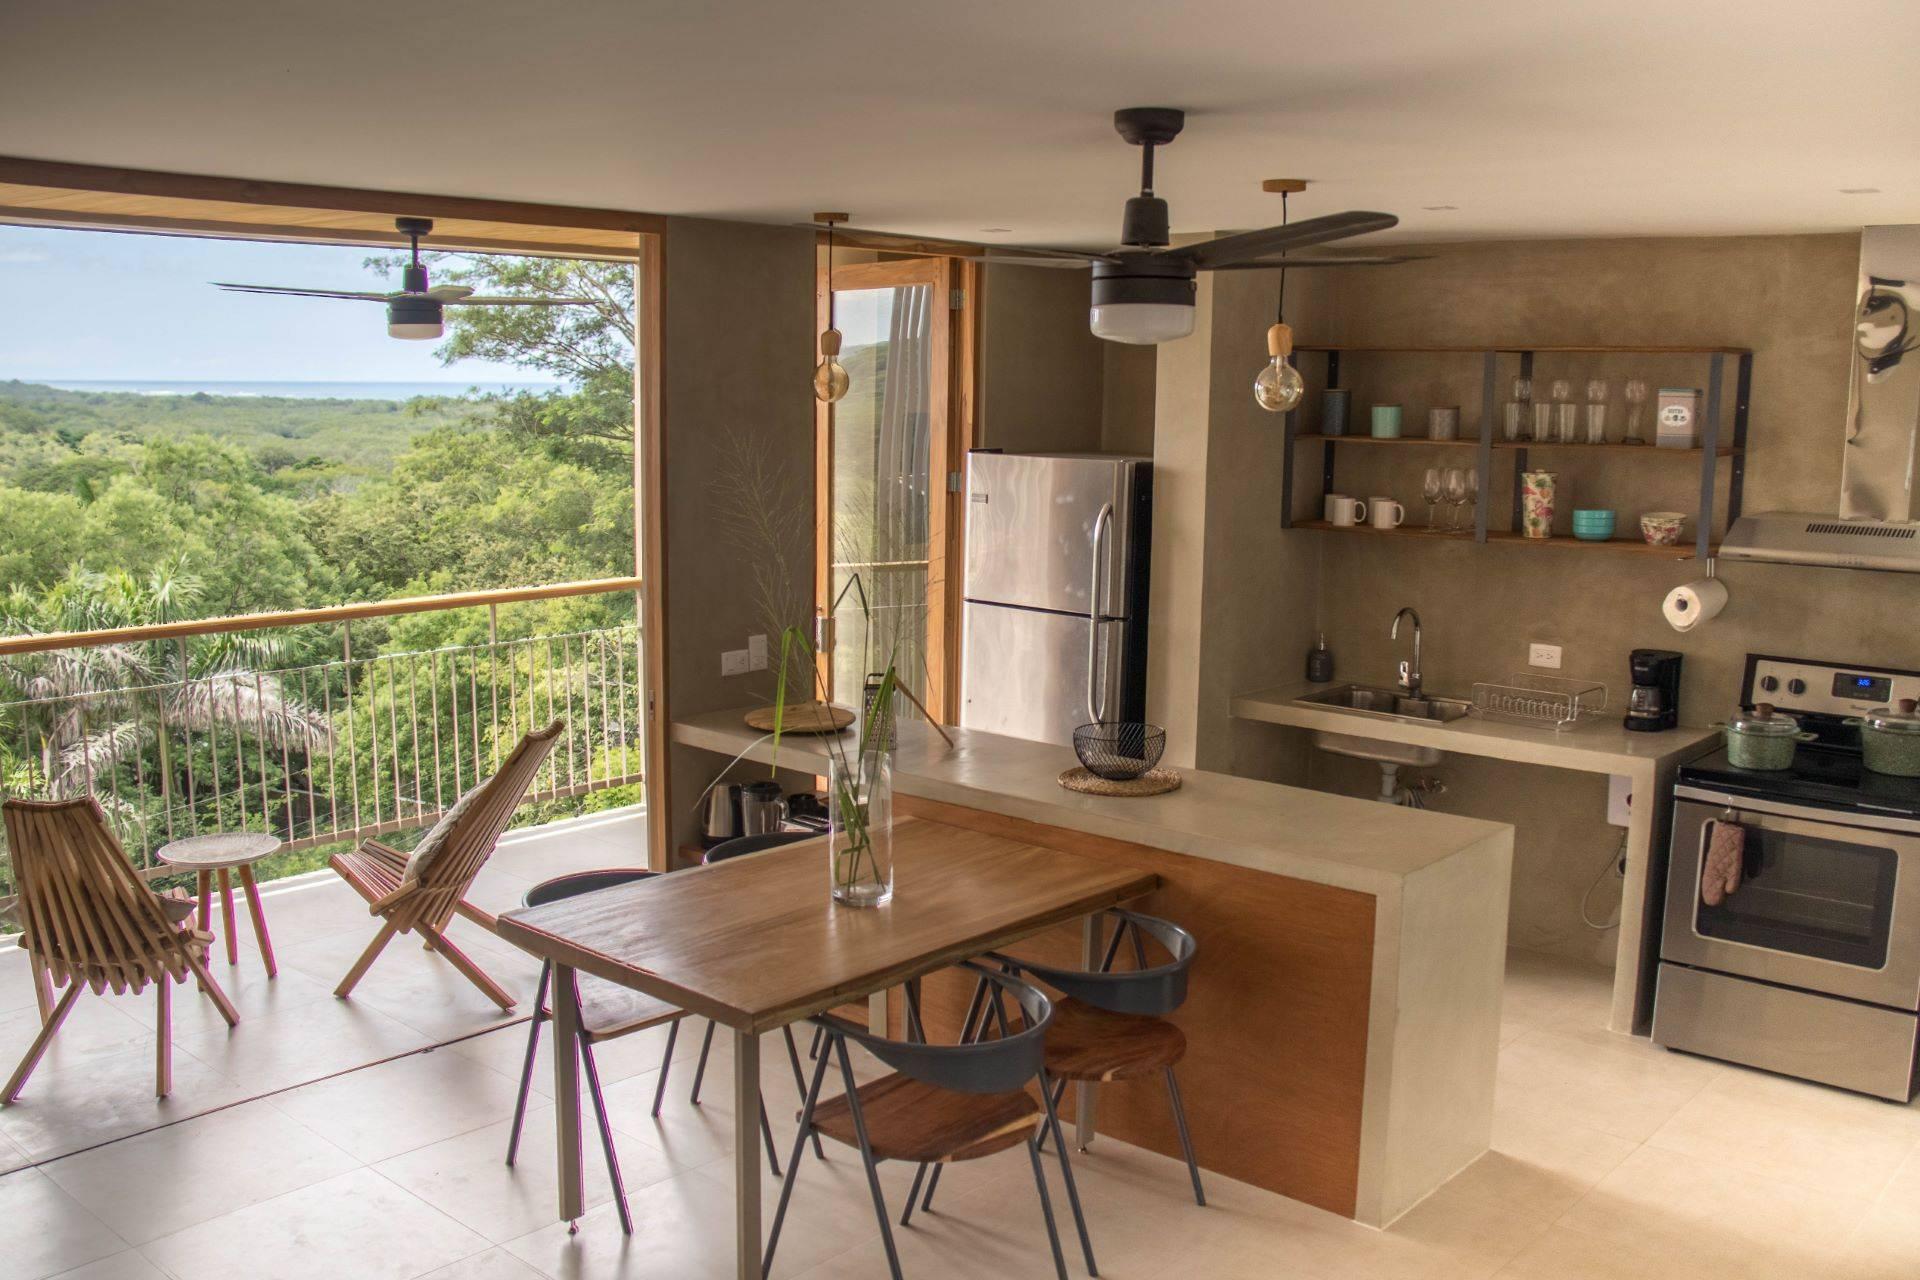 Tierra CondominiumOcean view